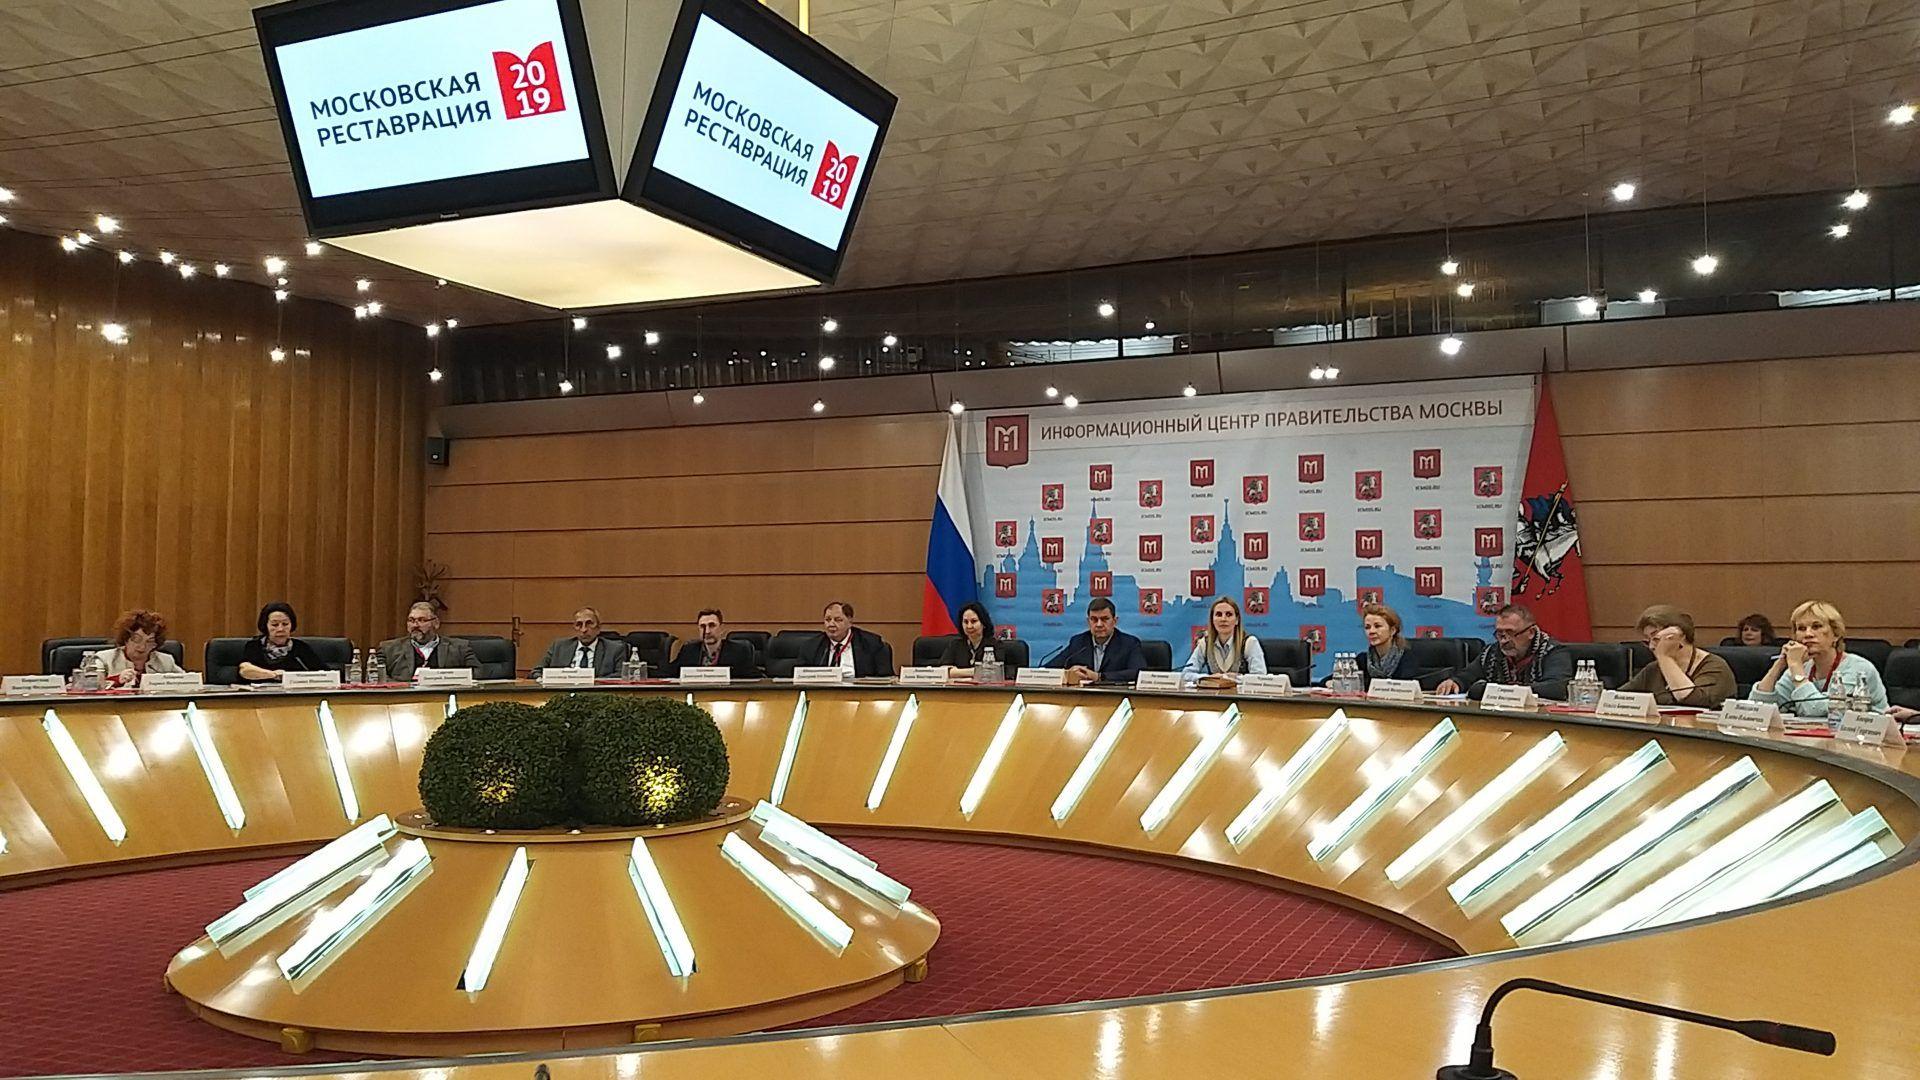 Встречу провели участники жюри конкурса «Московская реставрация — 2019». Фото: Виктория Чуранова